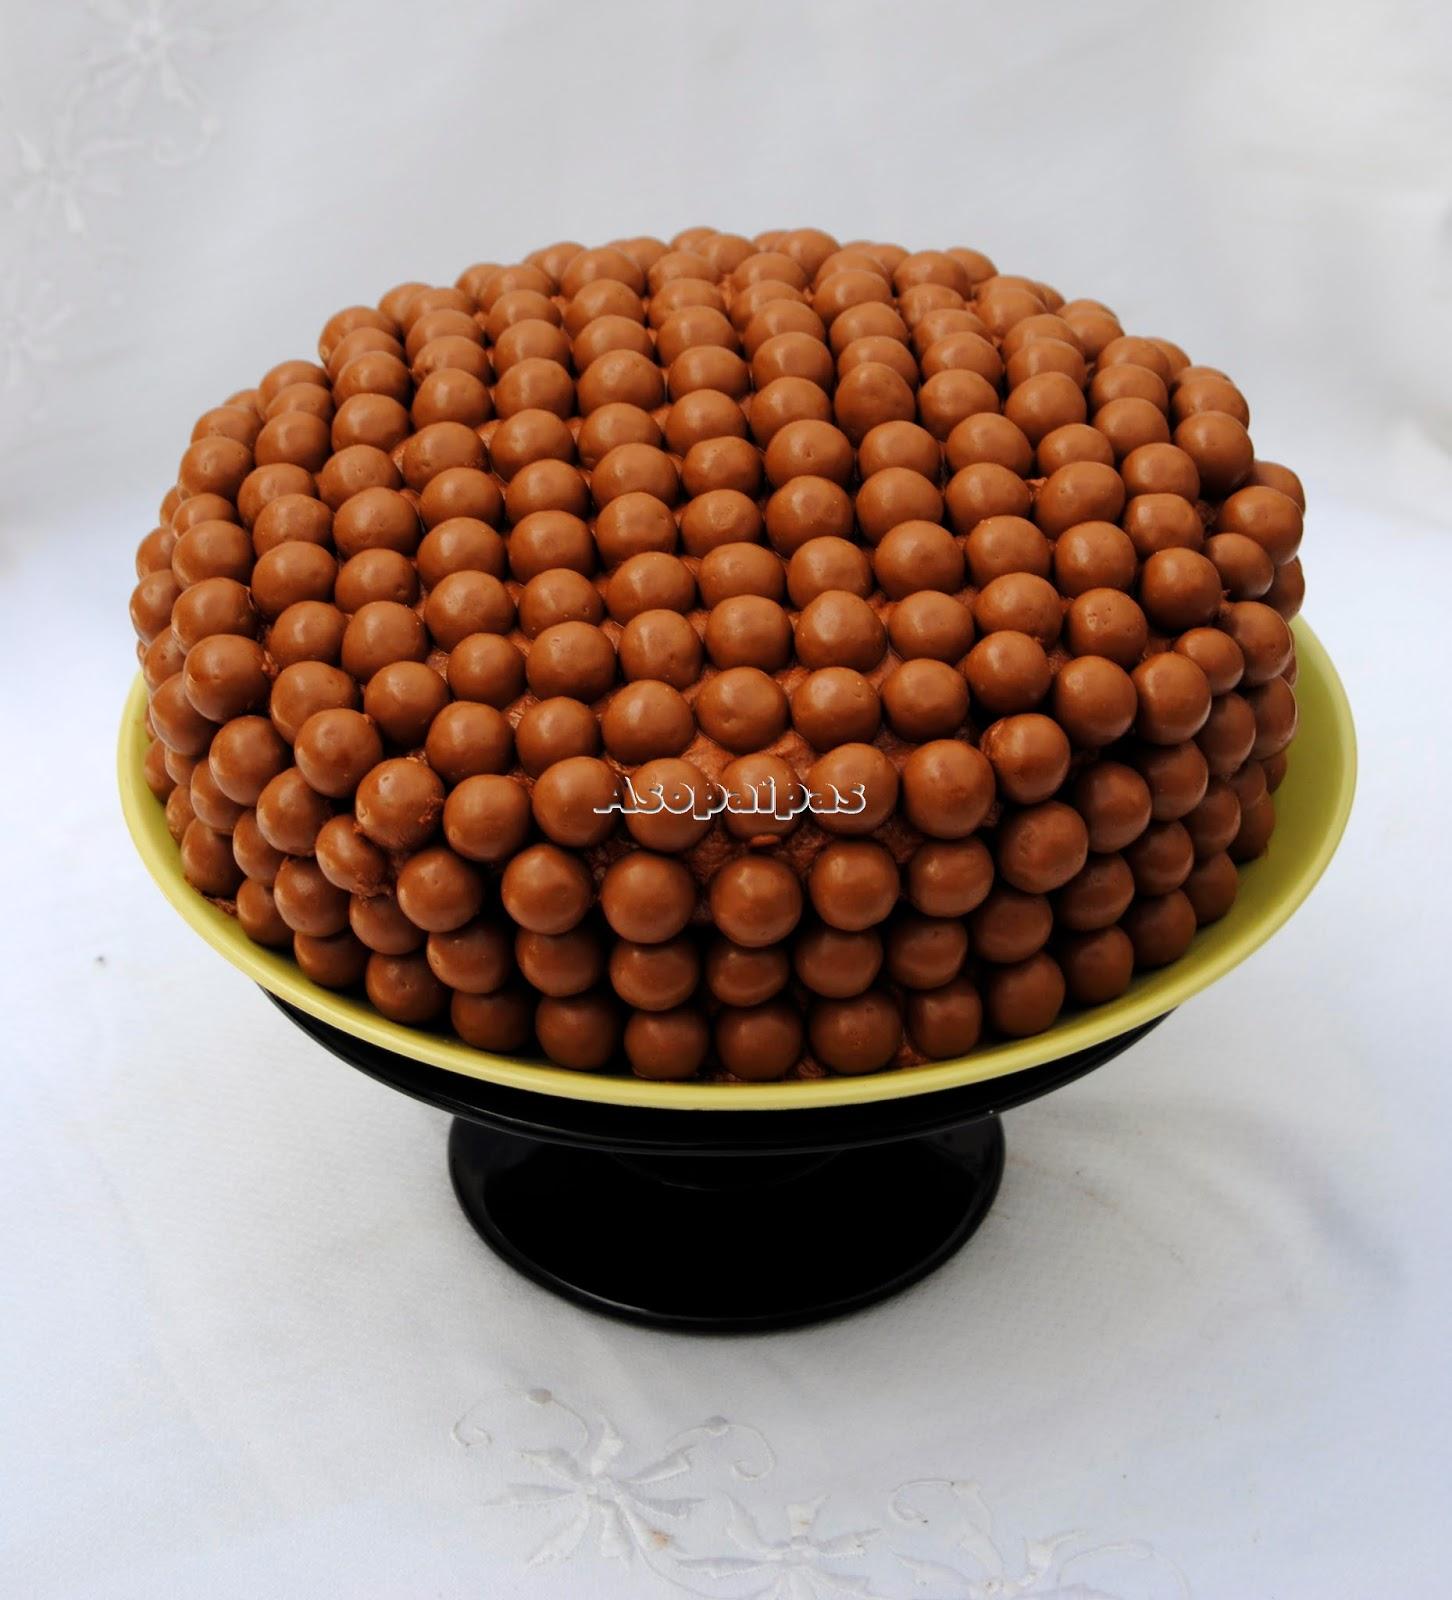 http://www.asopaipas.com/2014/07/tarta-de-maltesers-maltesers-cake.html